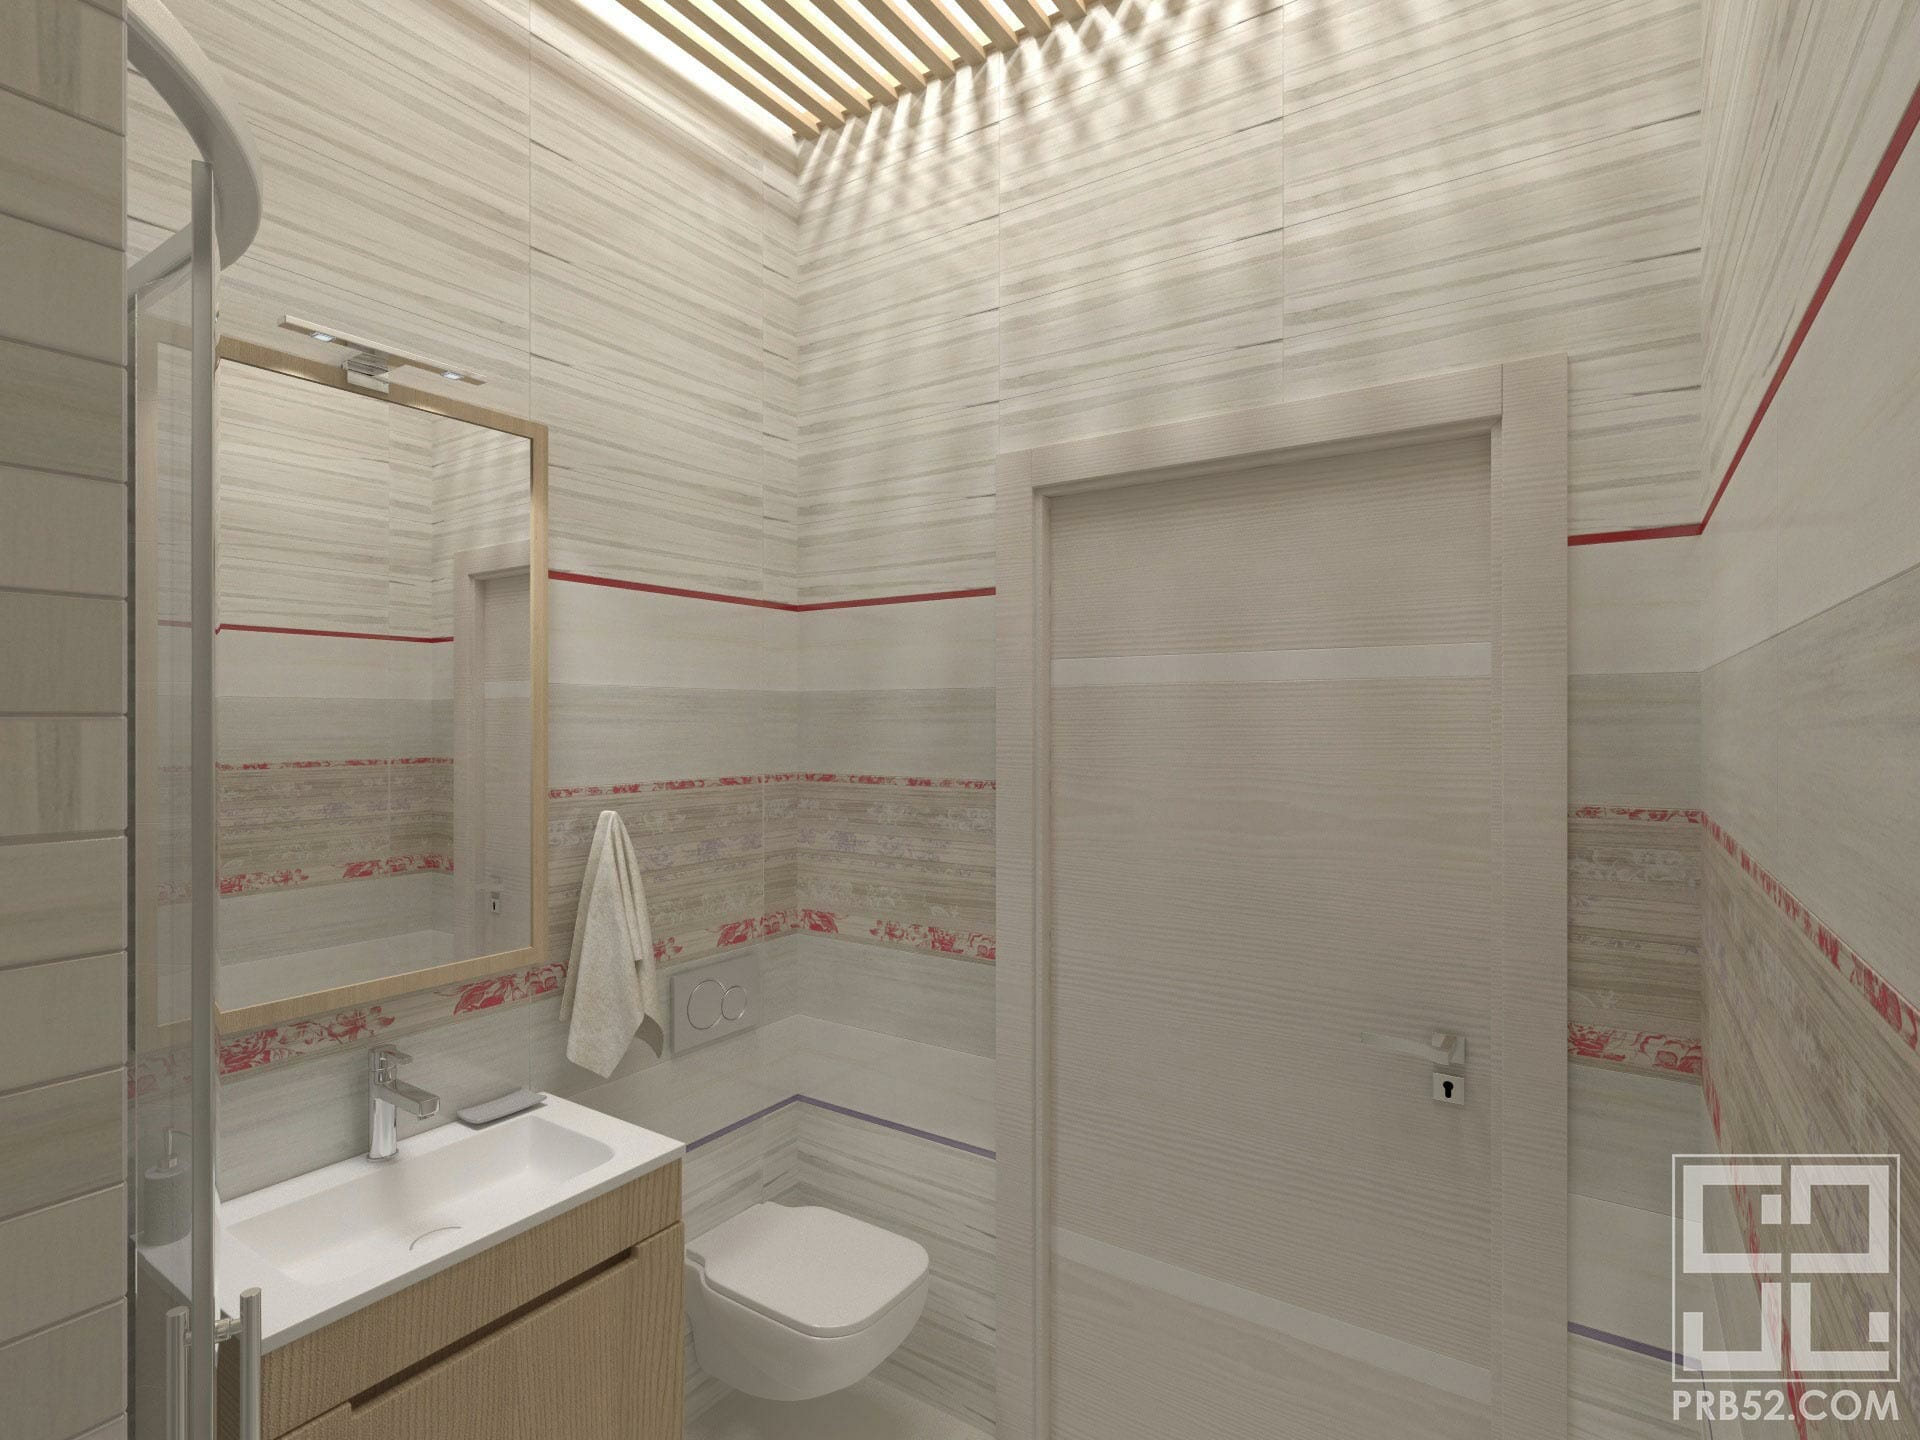 дизайн интерьера ванной в частном доме